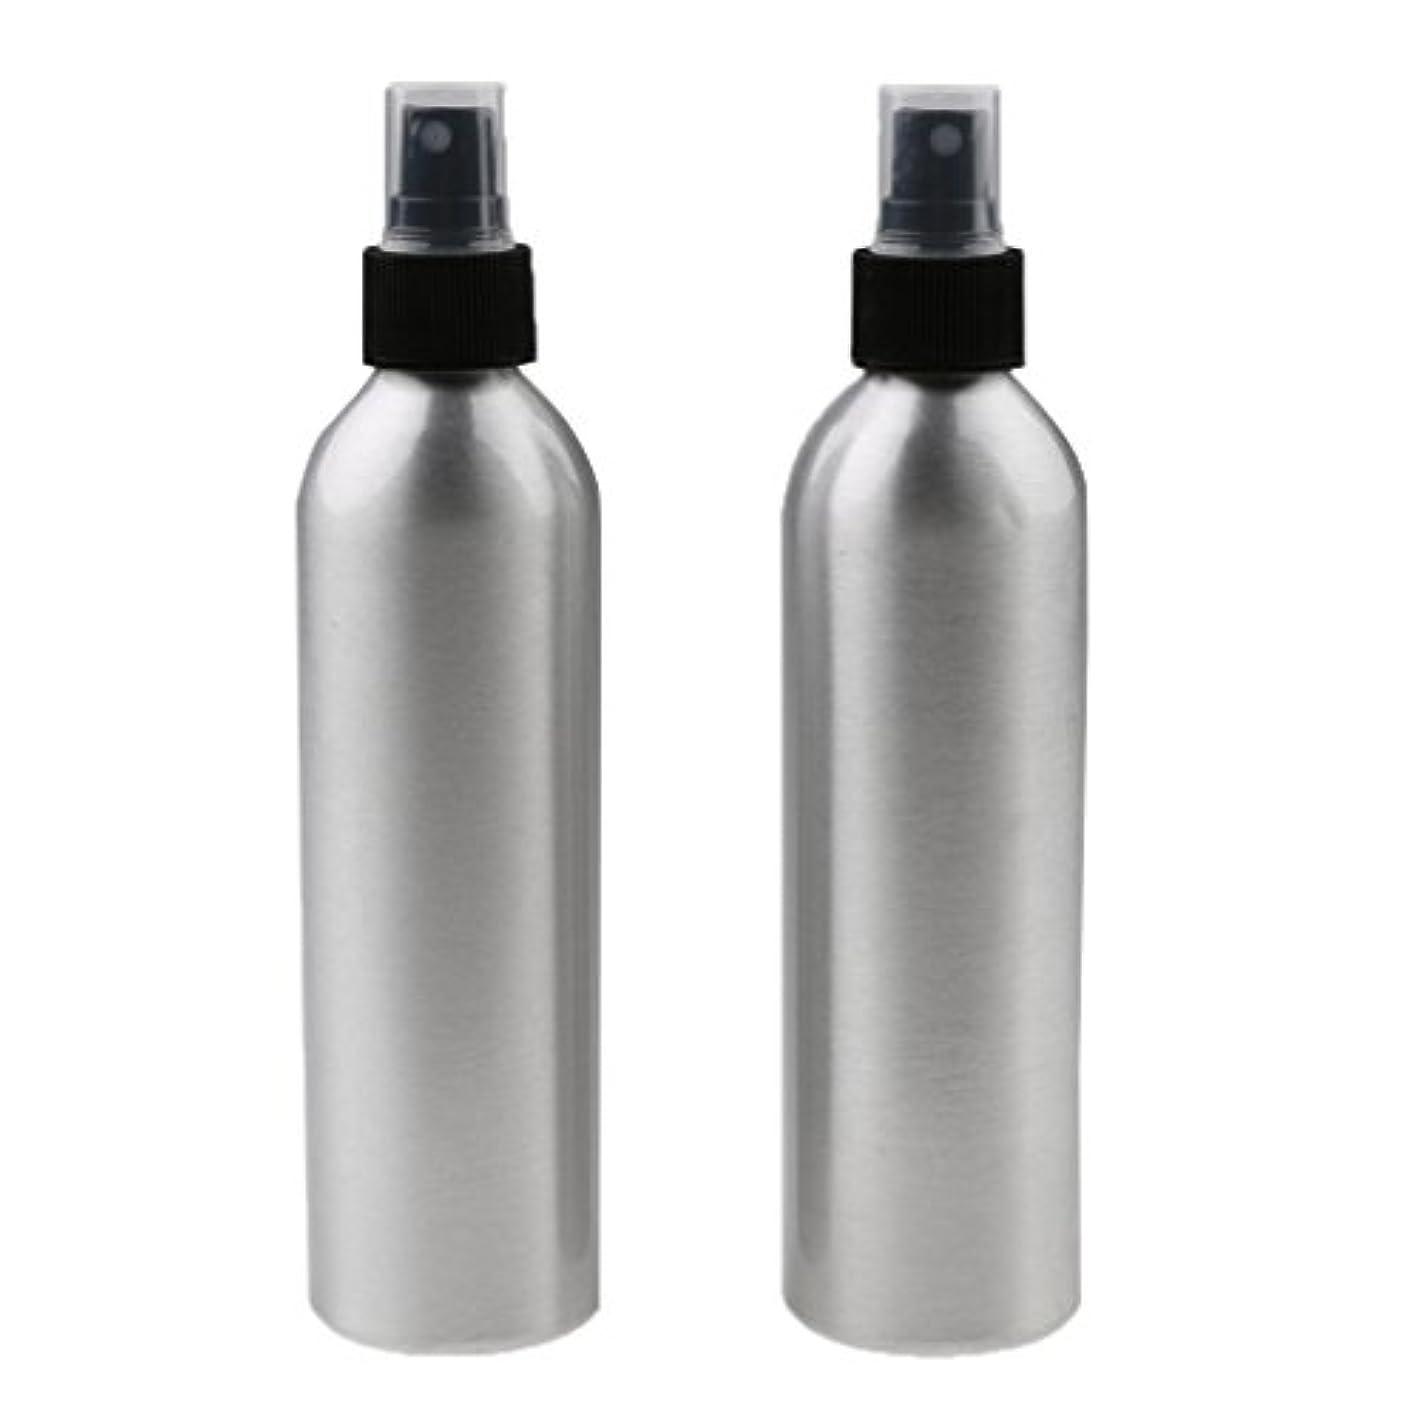 自動化動員するモーションSONONIA 2個入り 旅行 アルミ ミスト スプレー 香水ボトル メイクアップ スプレー アトマイザー 小分けボトル  漏れ防止 出張 海外旅行用 全4サイズ - 250ml